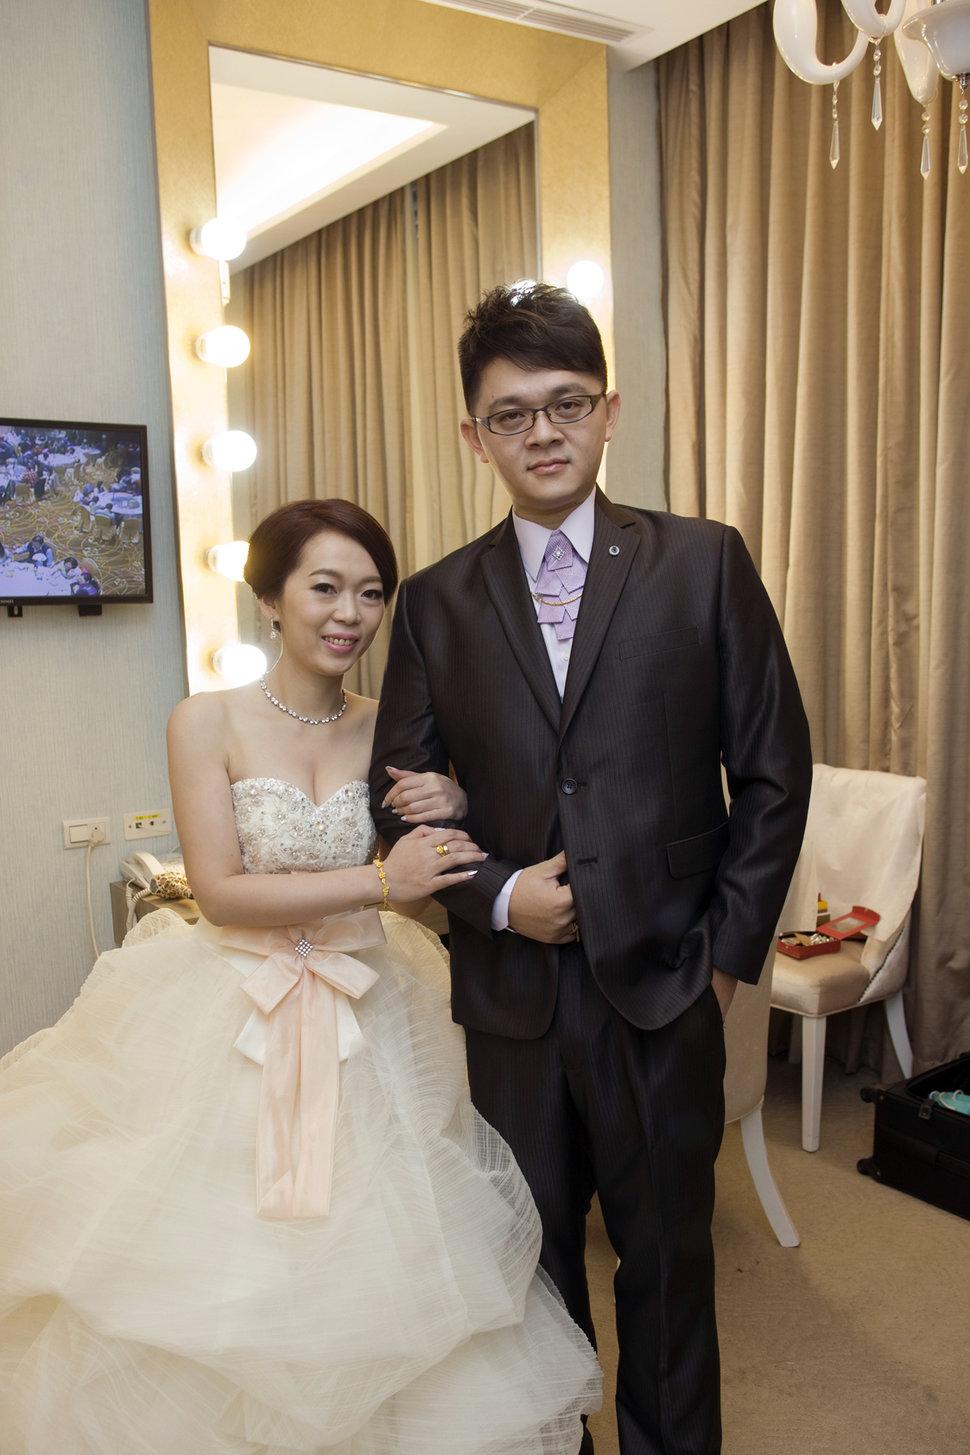 蓓麗宛婚禮時尚(編號:499434) - 蓓麗宛婚禮時尚《結婚吧》